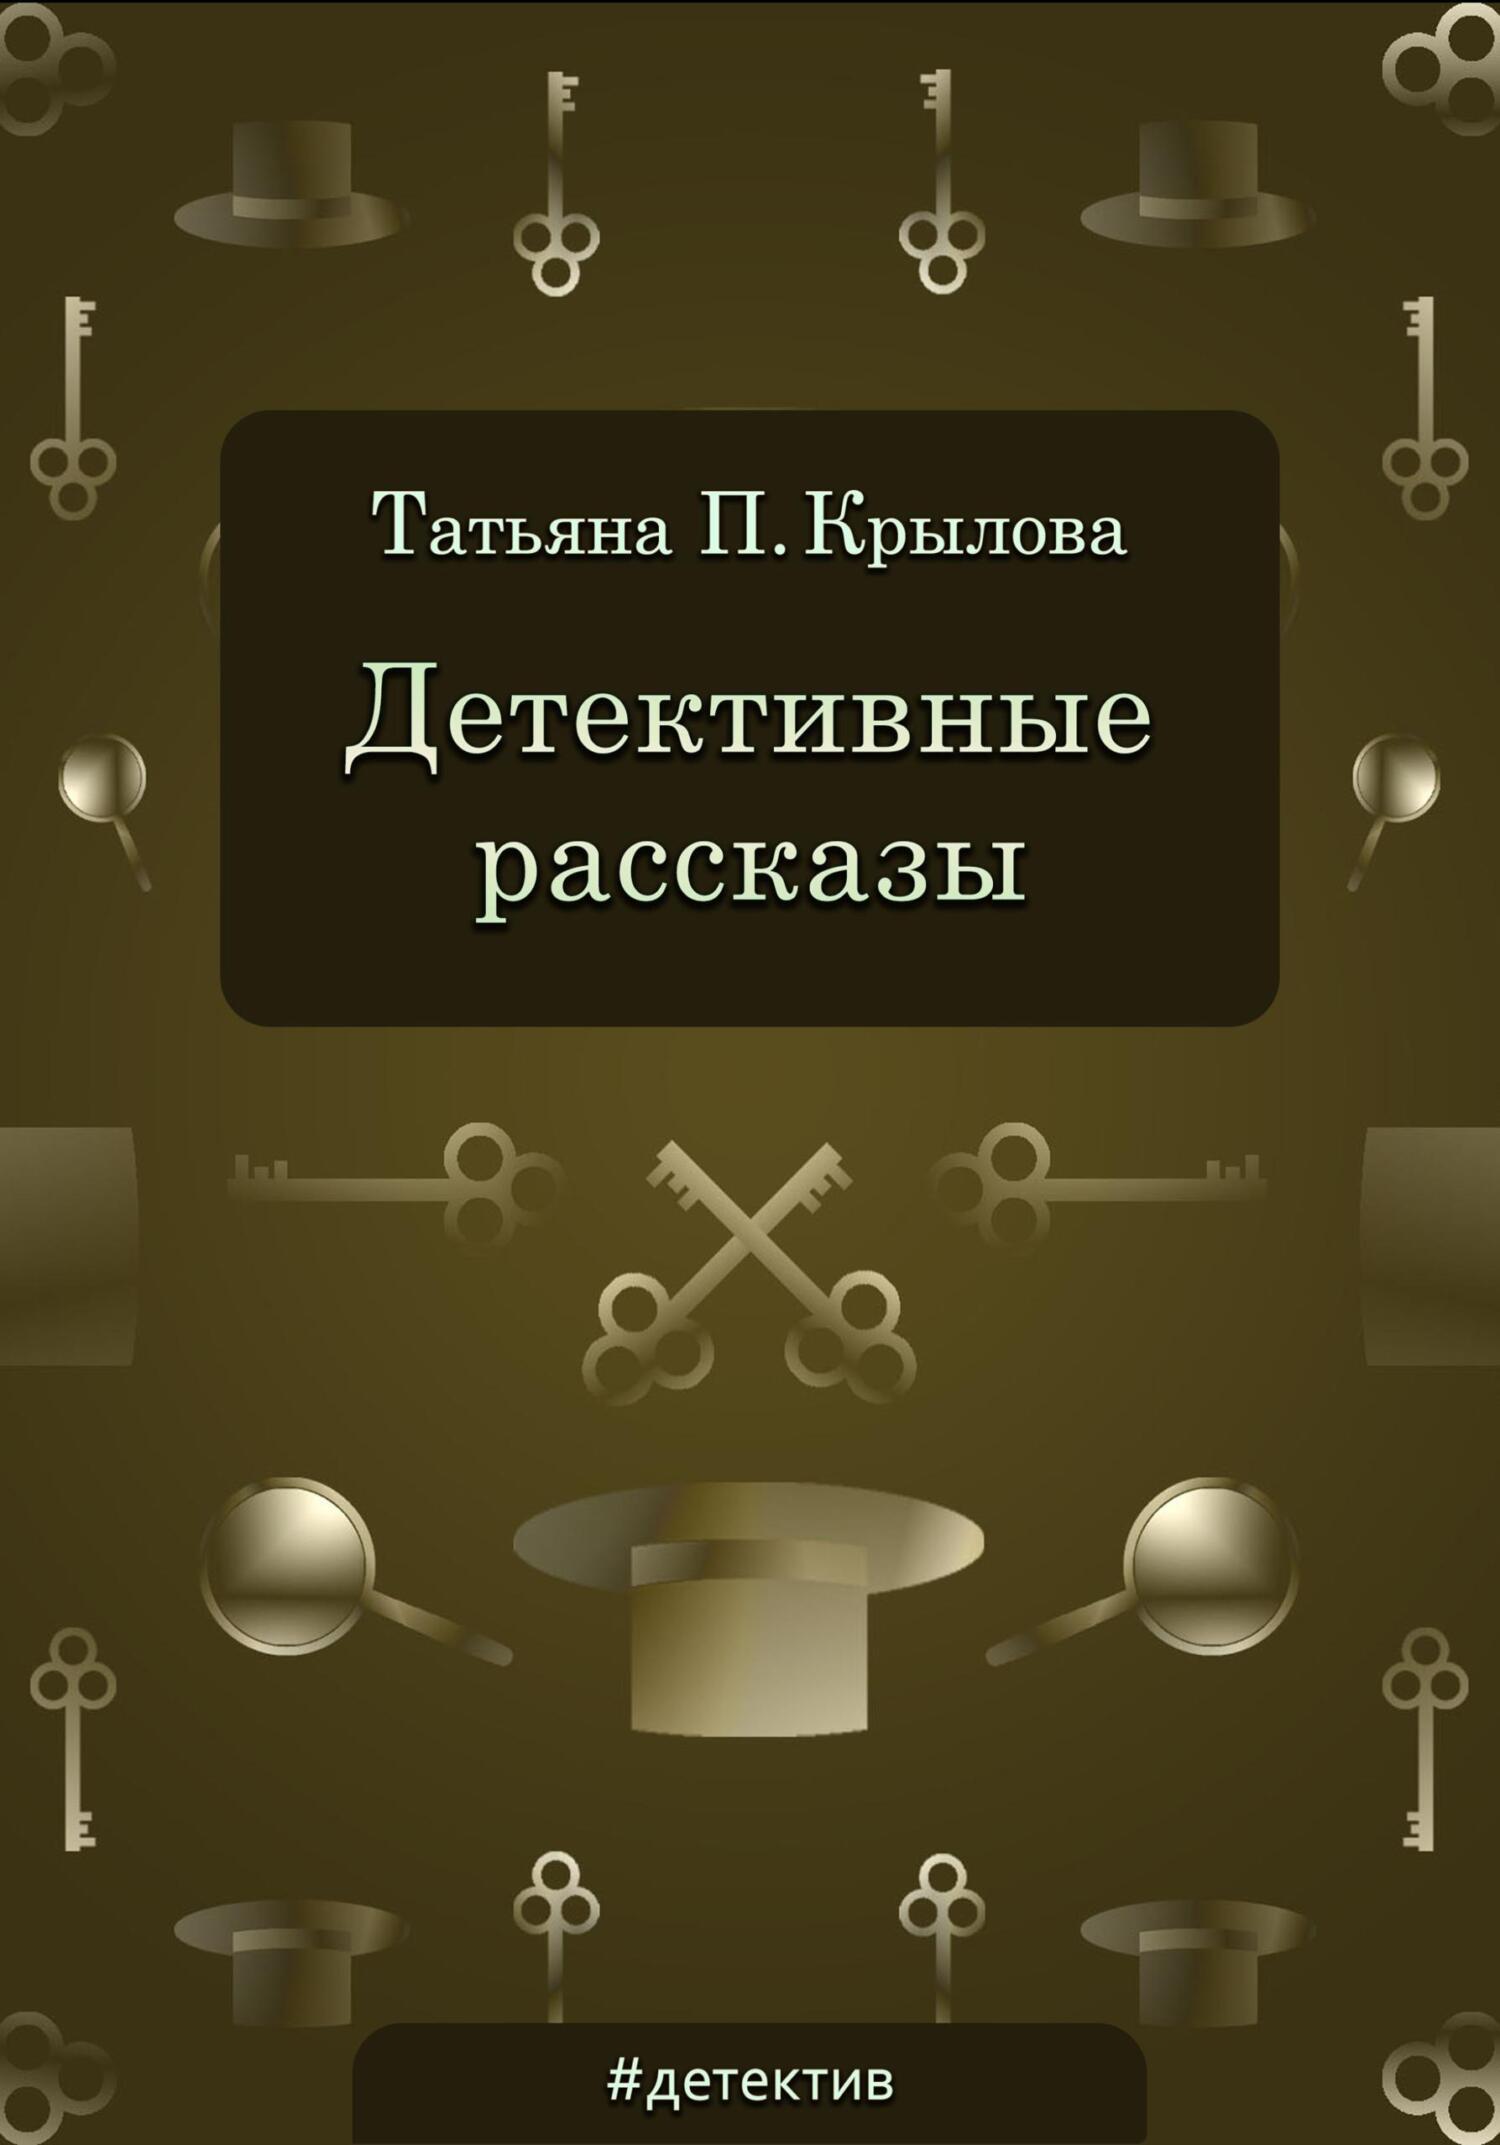 Татьяна Крылова - Детективные рассказы